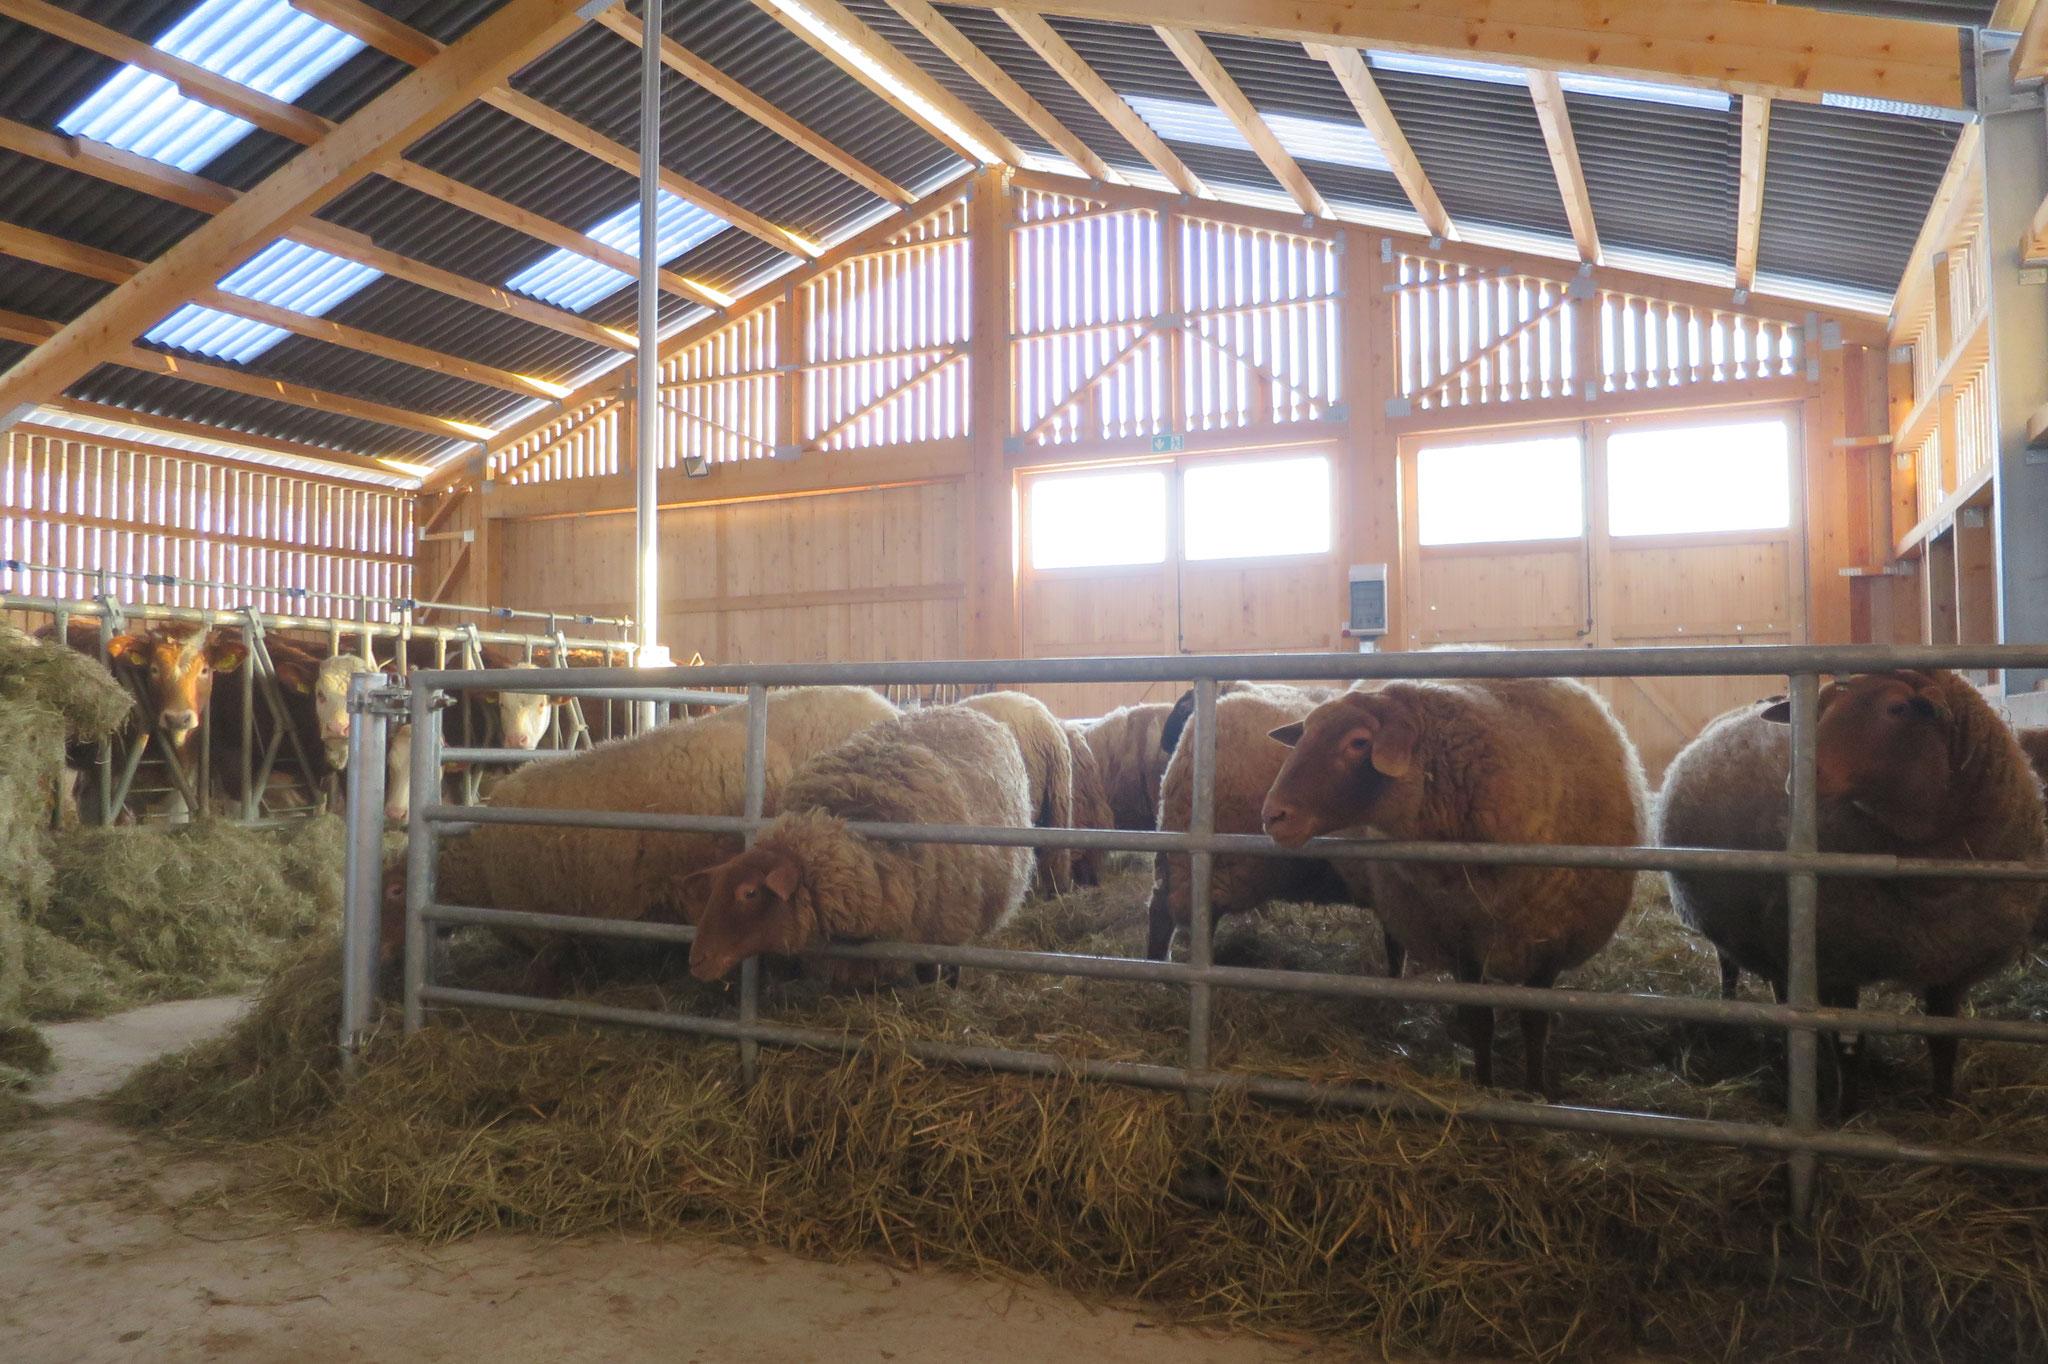 Februar - Rinder und Mutterschafe sind im Stall.